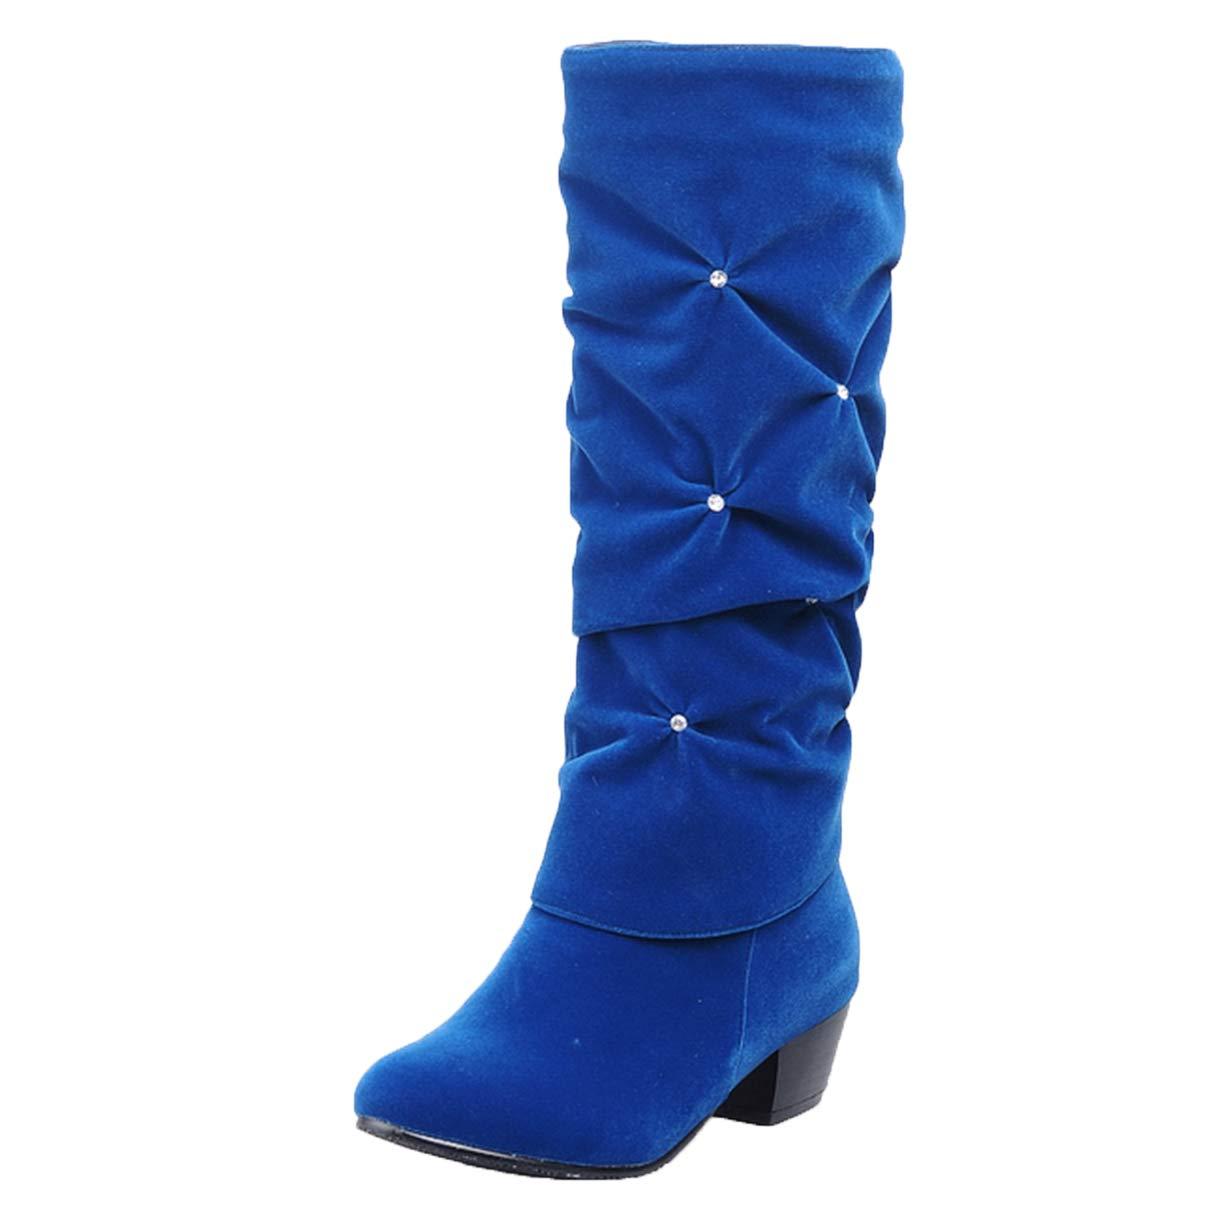 JYshoes , Femme Bottes Classiques Classiques Femme JYshoes Bleu 9fe4528 - conorscully.space